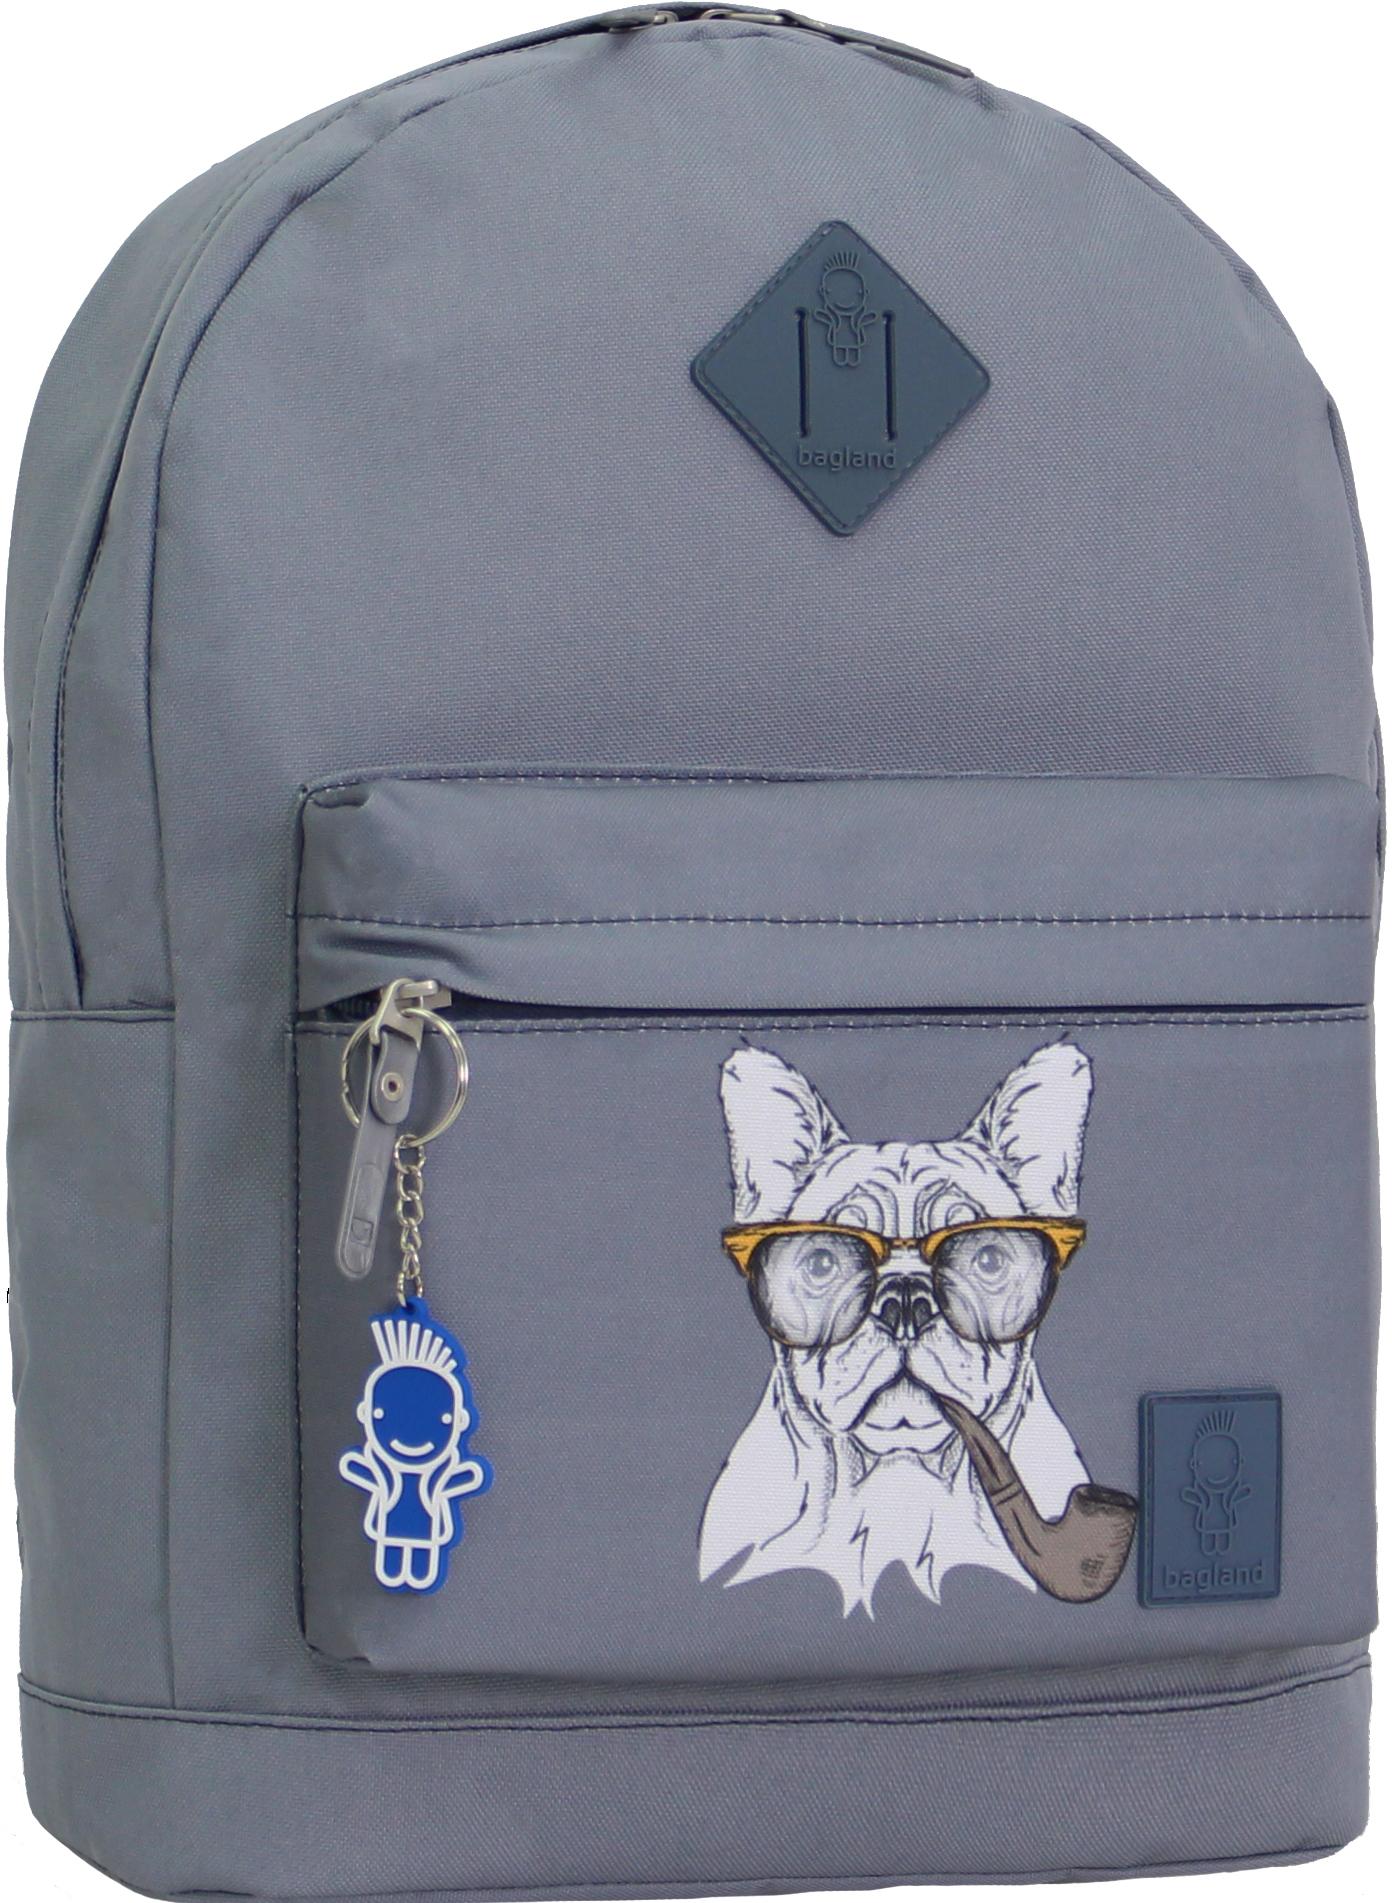 Городские рюкзаки Рюкзак Bagland Молодежный W/R 17 л. серый 194к (00533662) IMG_0996_194к.JPG